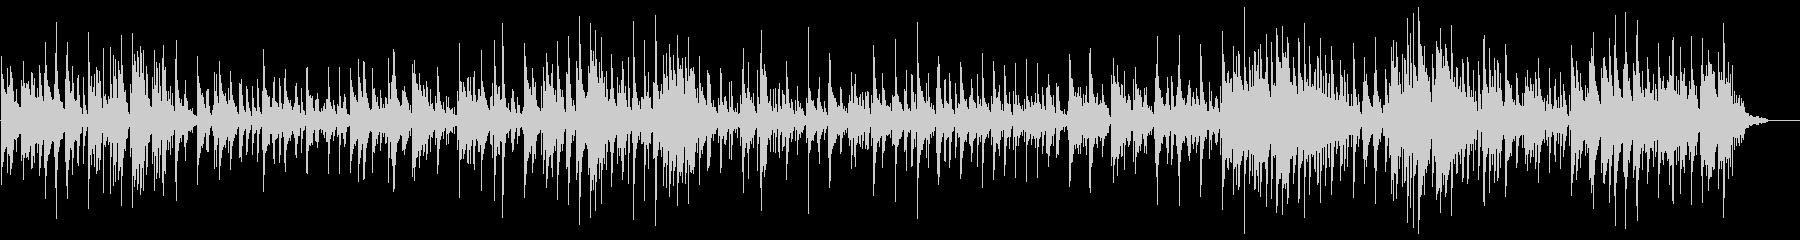 ピアノトリオのジャズバラードの未再生の波形